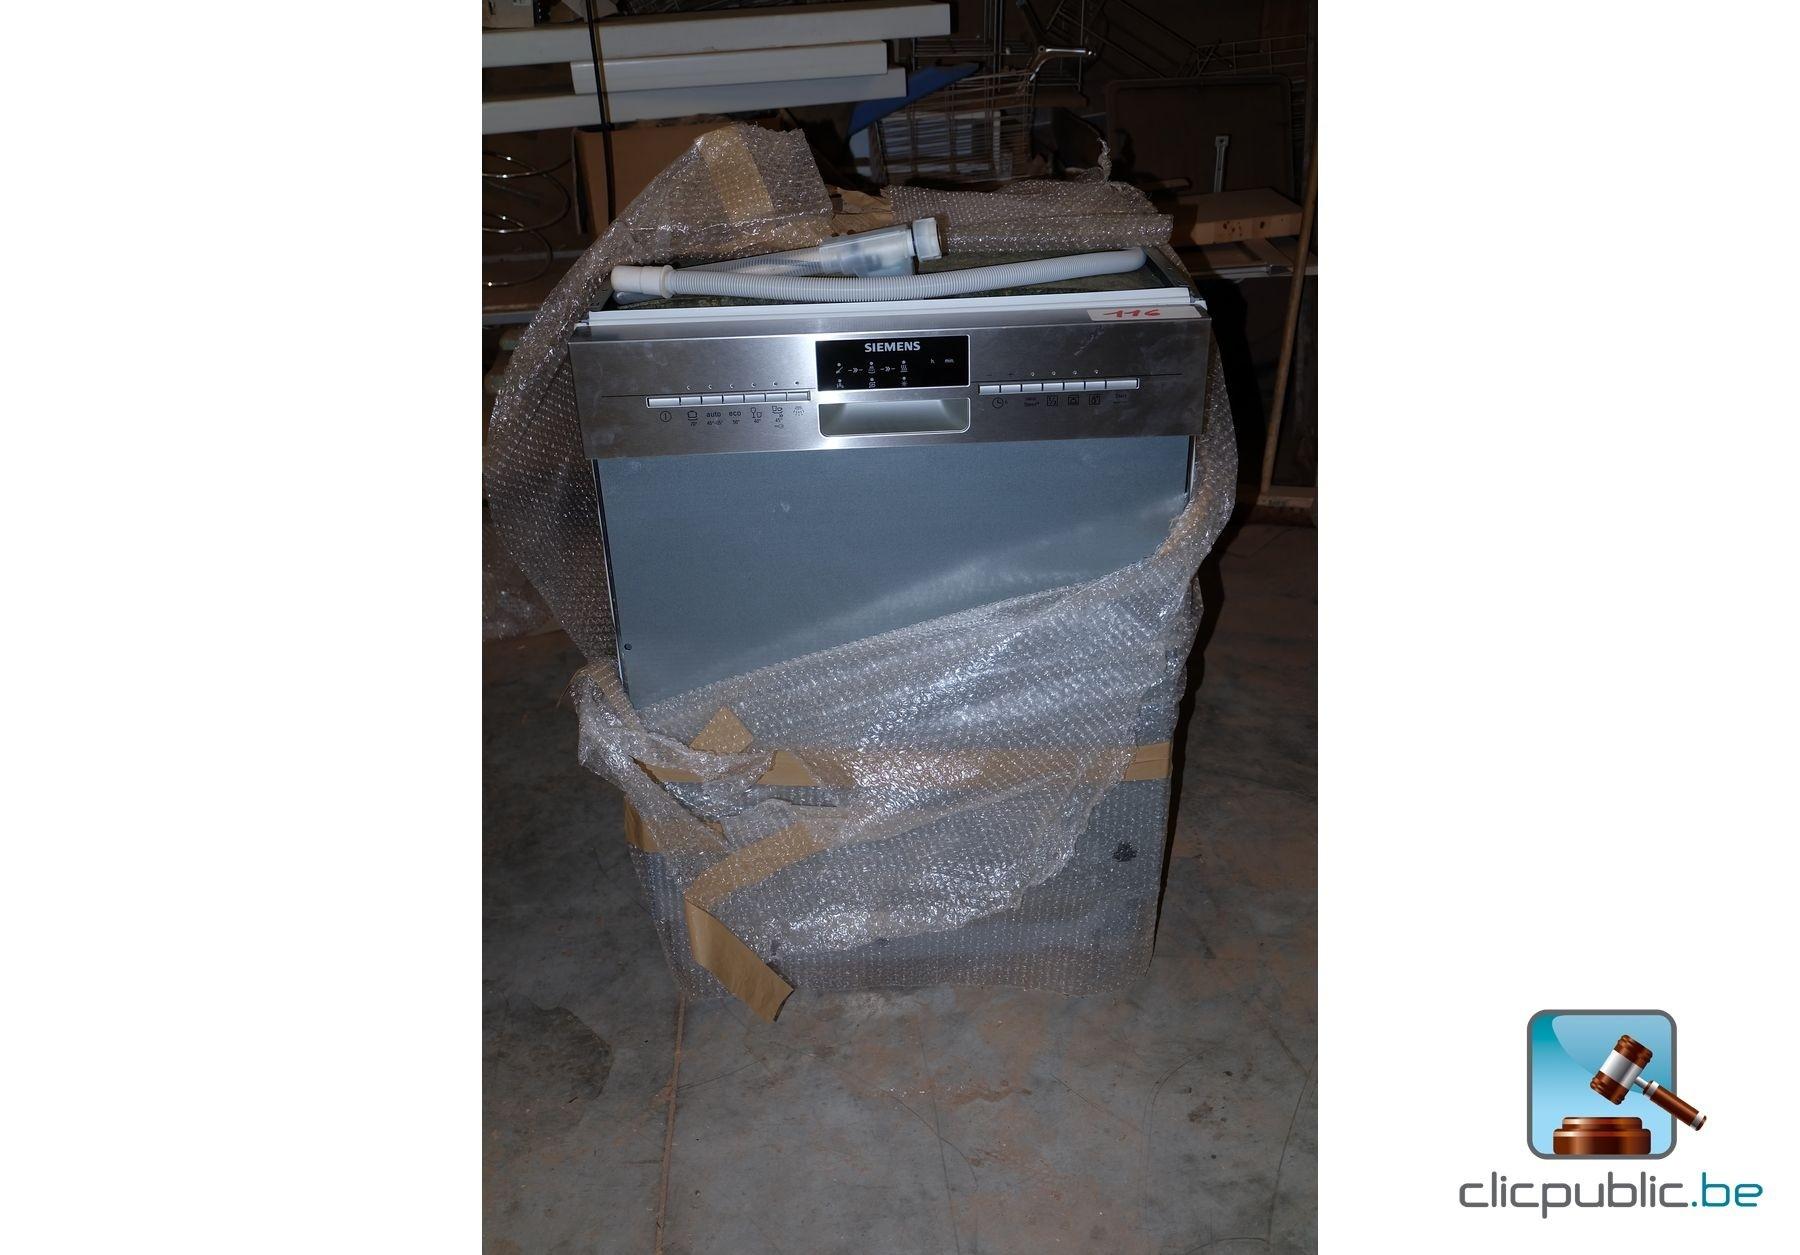 lave vaisselle siemens fd 9405 encastrable ref 116 vendre sur. Black Bedroom Furniture Sets. Home Design Ideas